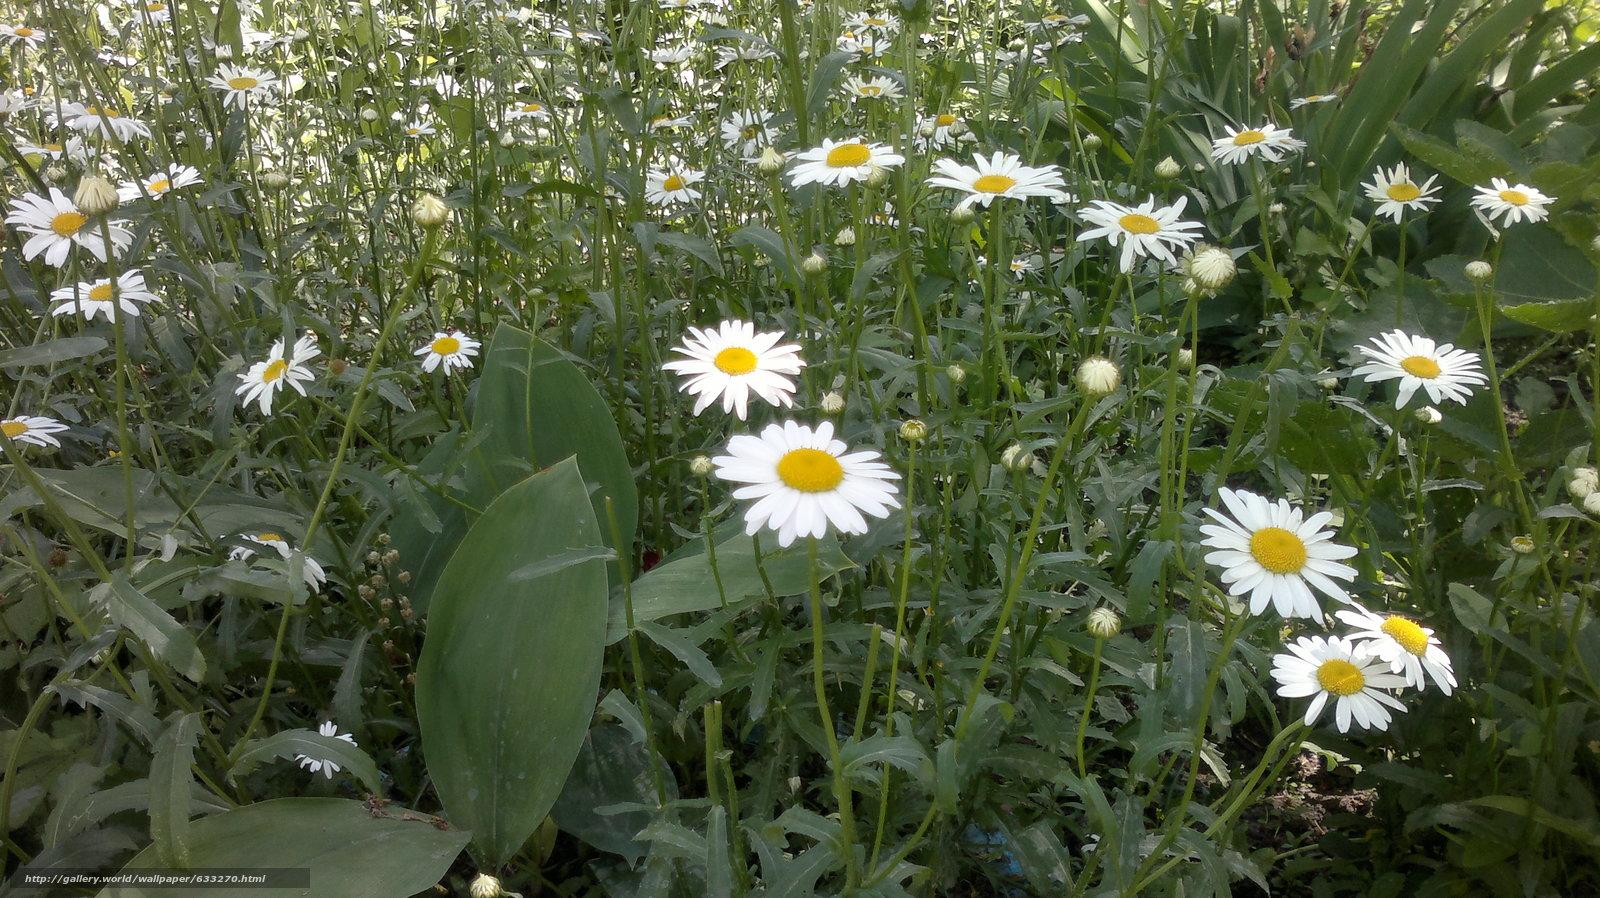 Скачать обои цветы,  лето,  ромашки бесплатно для рабочего стола в разрешении 3264x1832 — картинка №633270